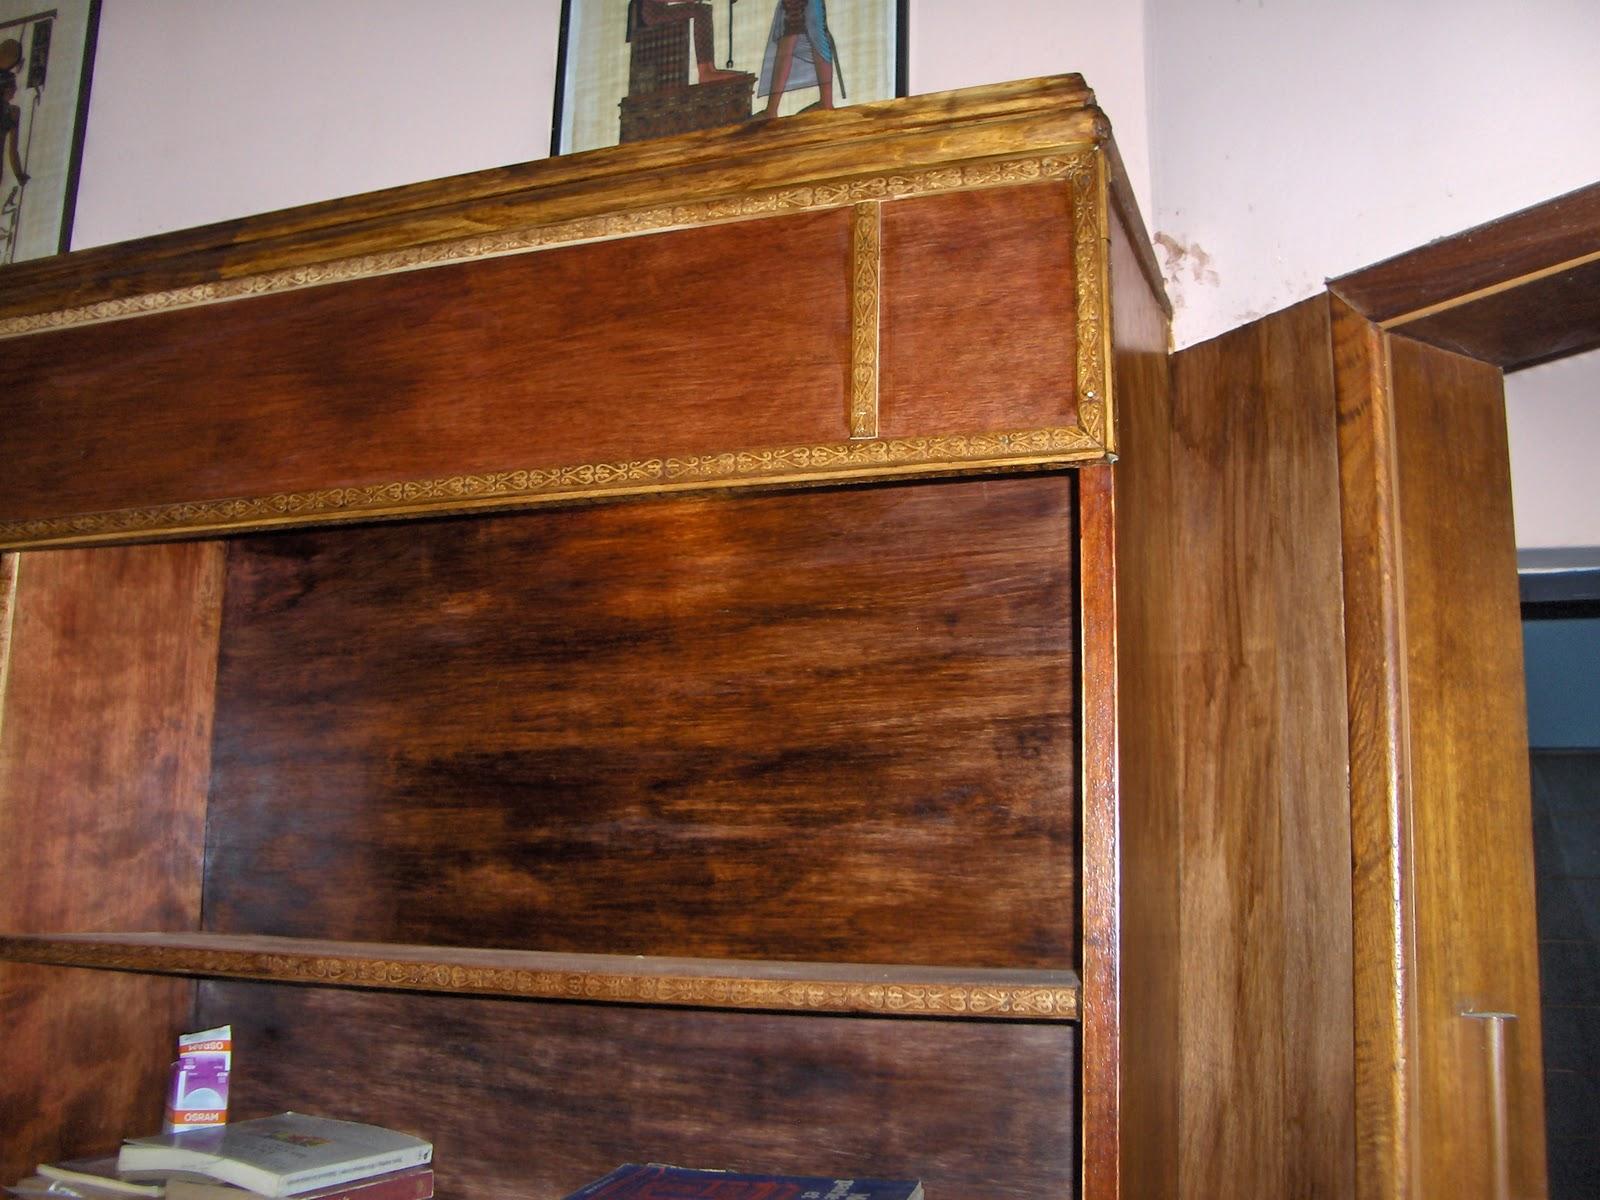 Cartago deco biblioteca maderas marup y cedro con instalaci n de luces led tama o x 3m - Libreria de luces ...